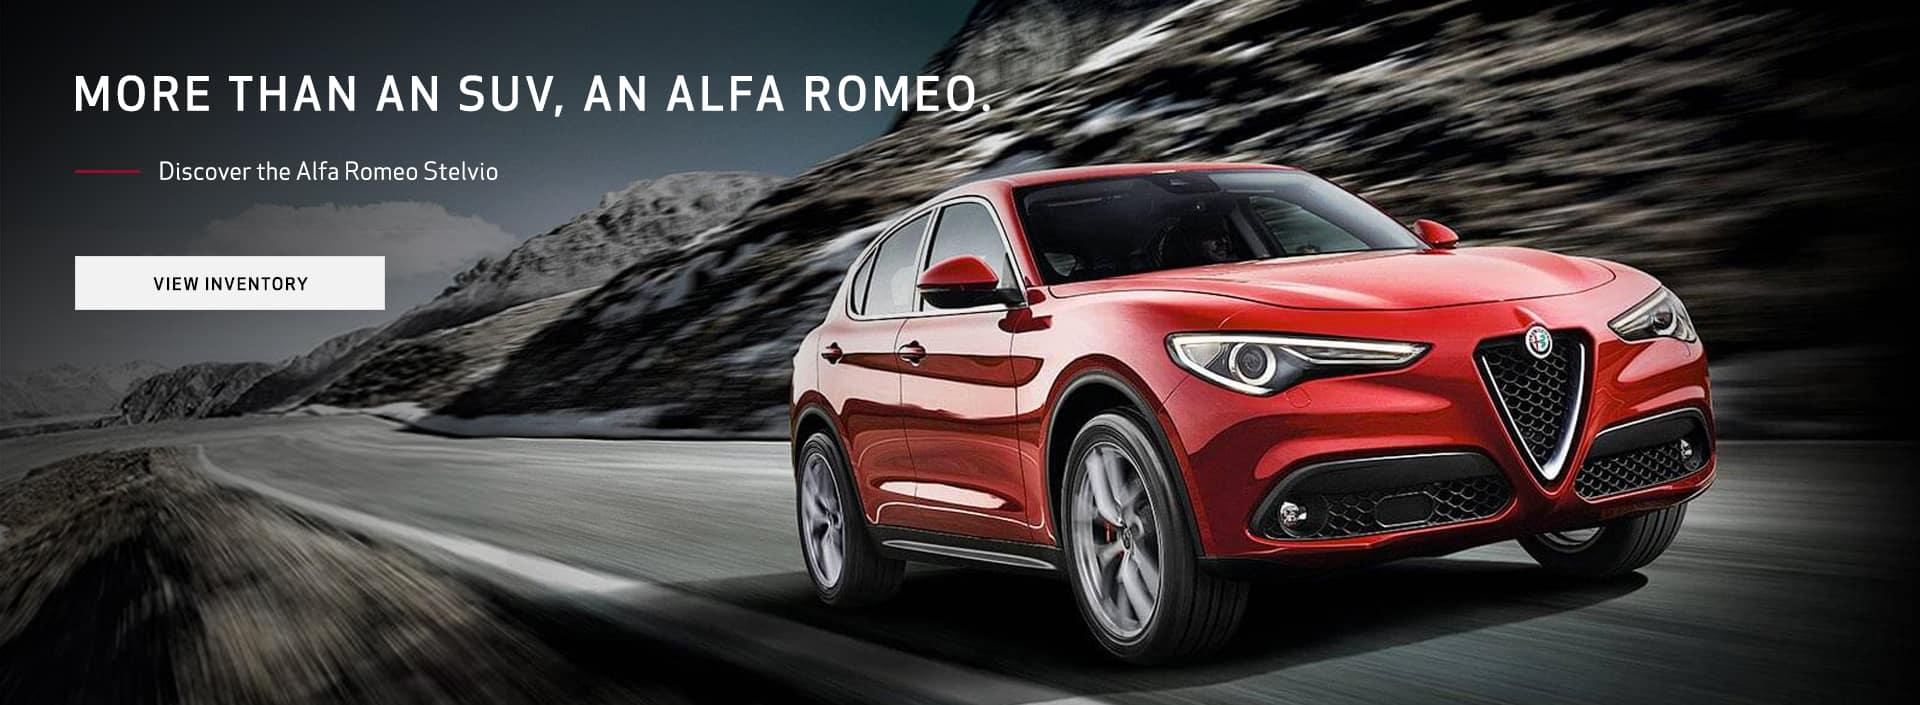 Alfa Romeo of Dayton homepage Stelvio